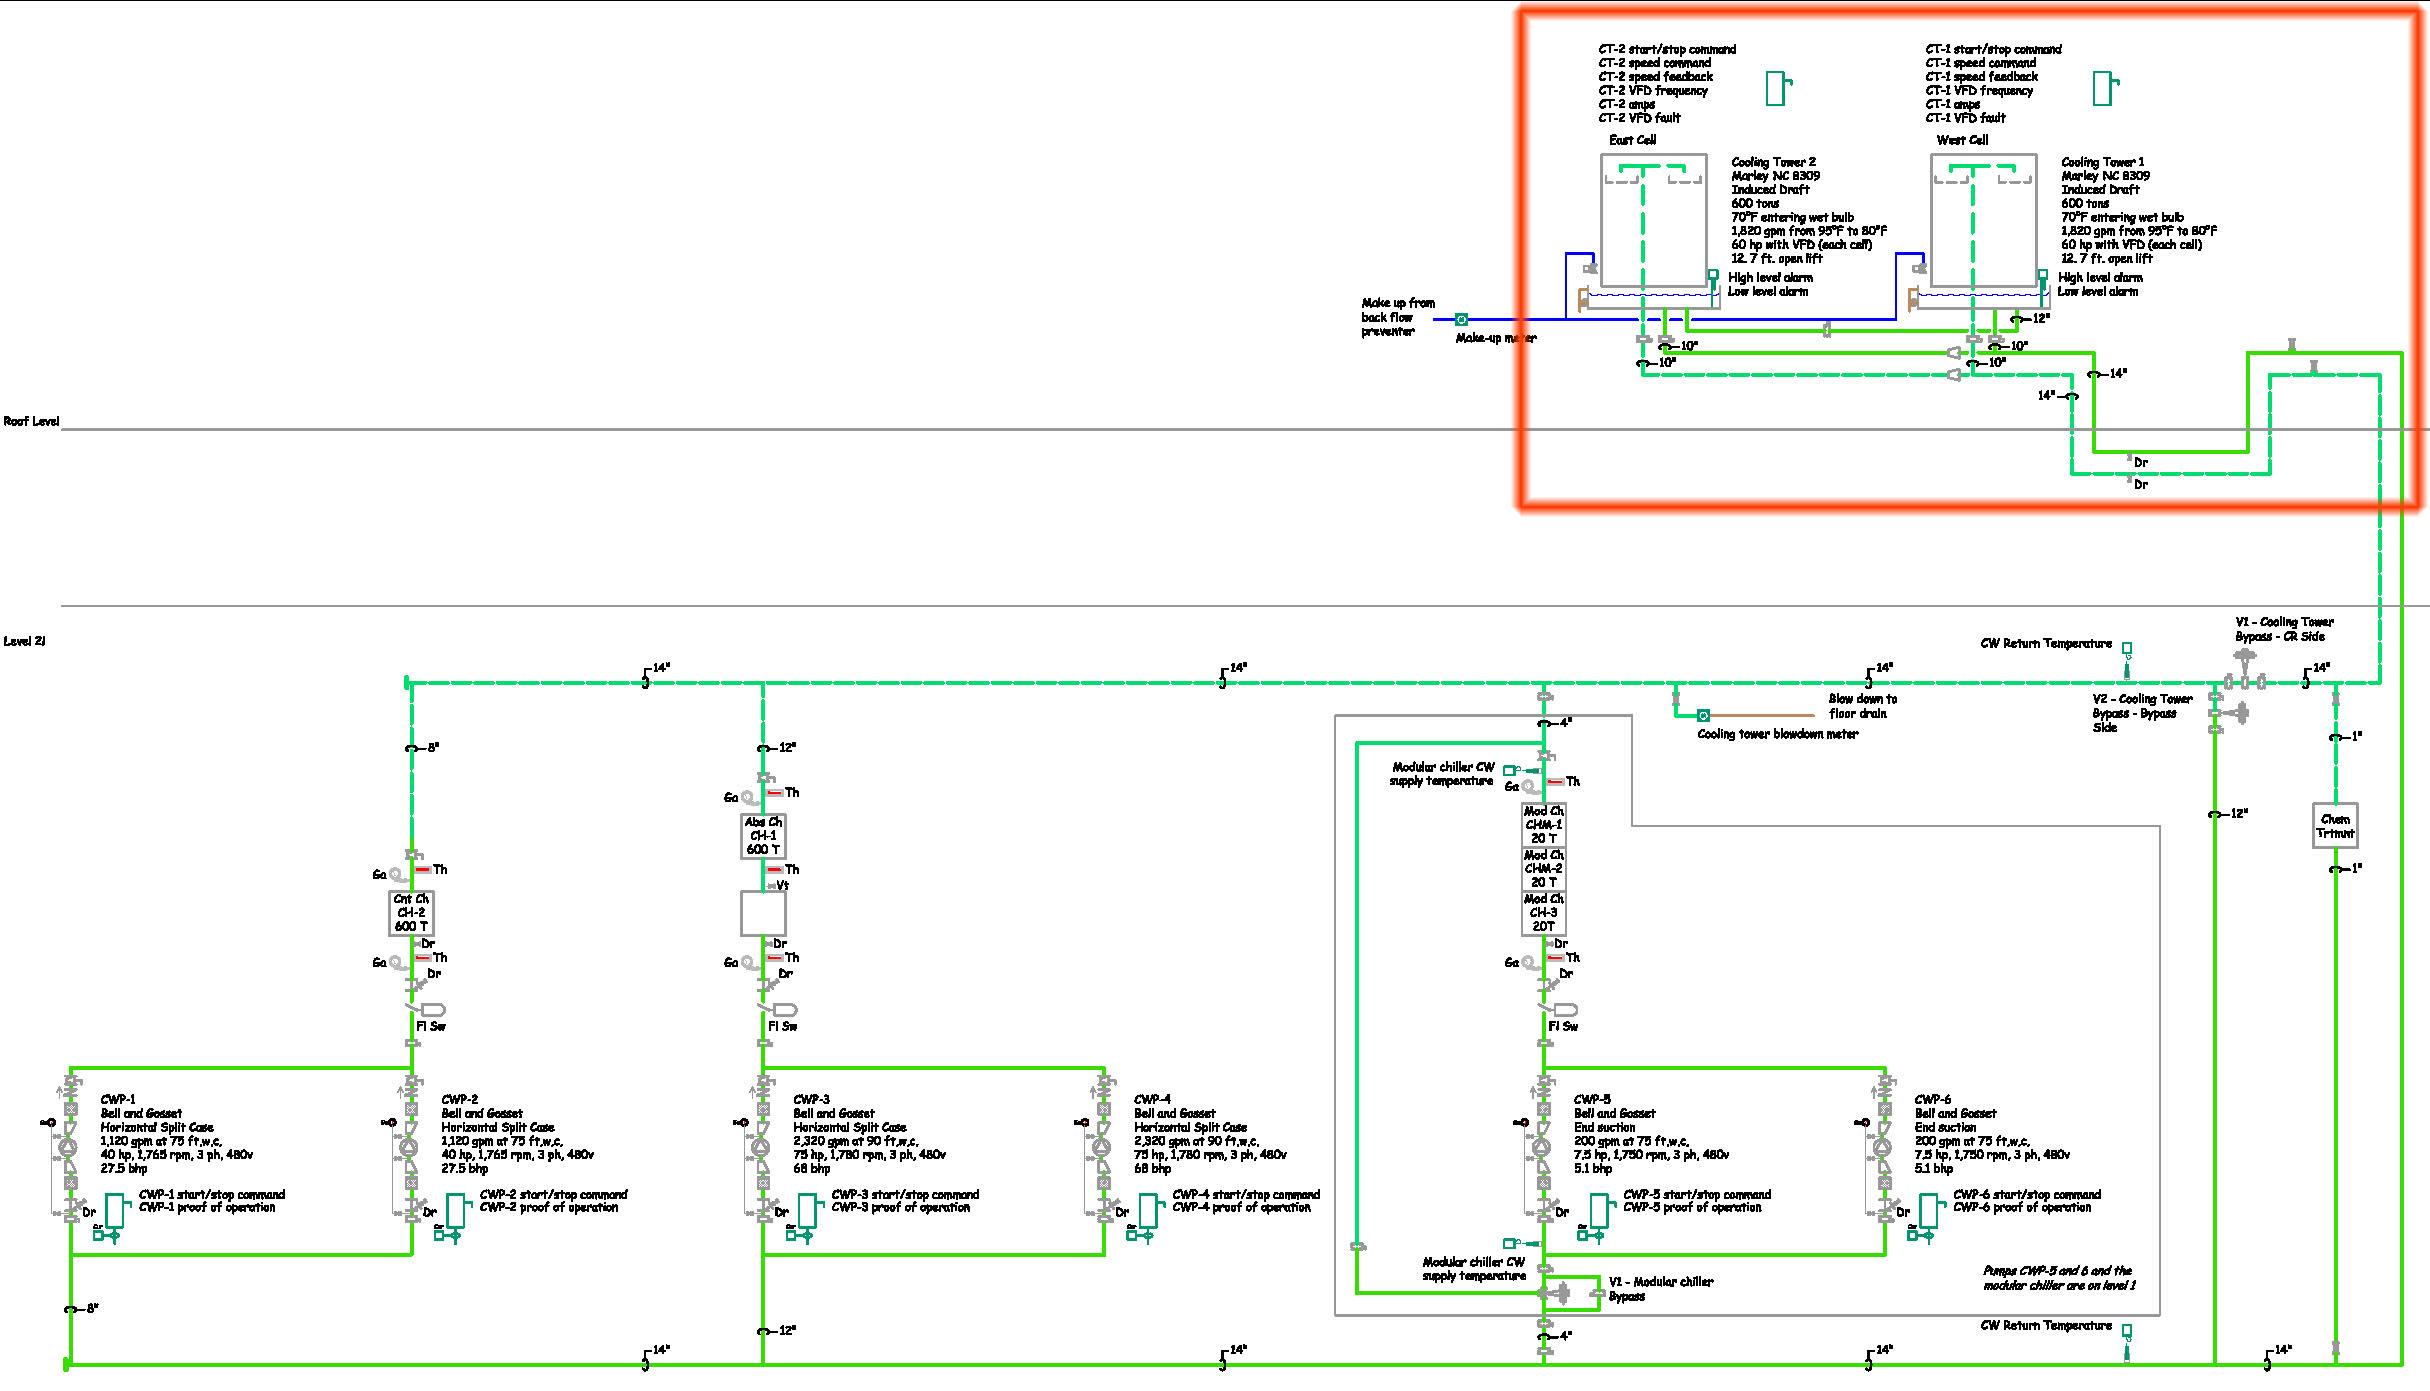 boiler water treatment system diagram  boiler  get free